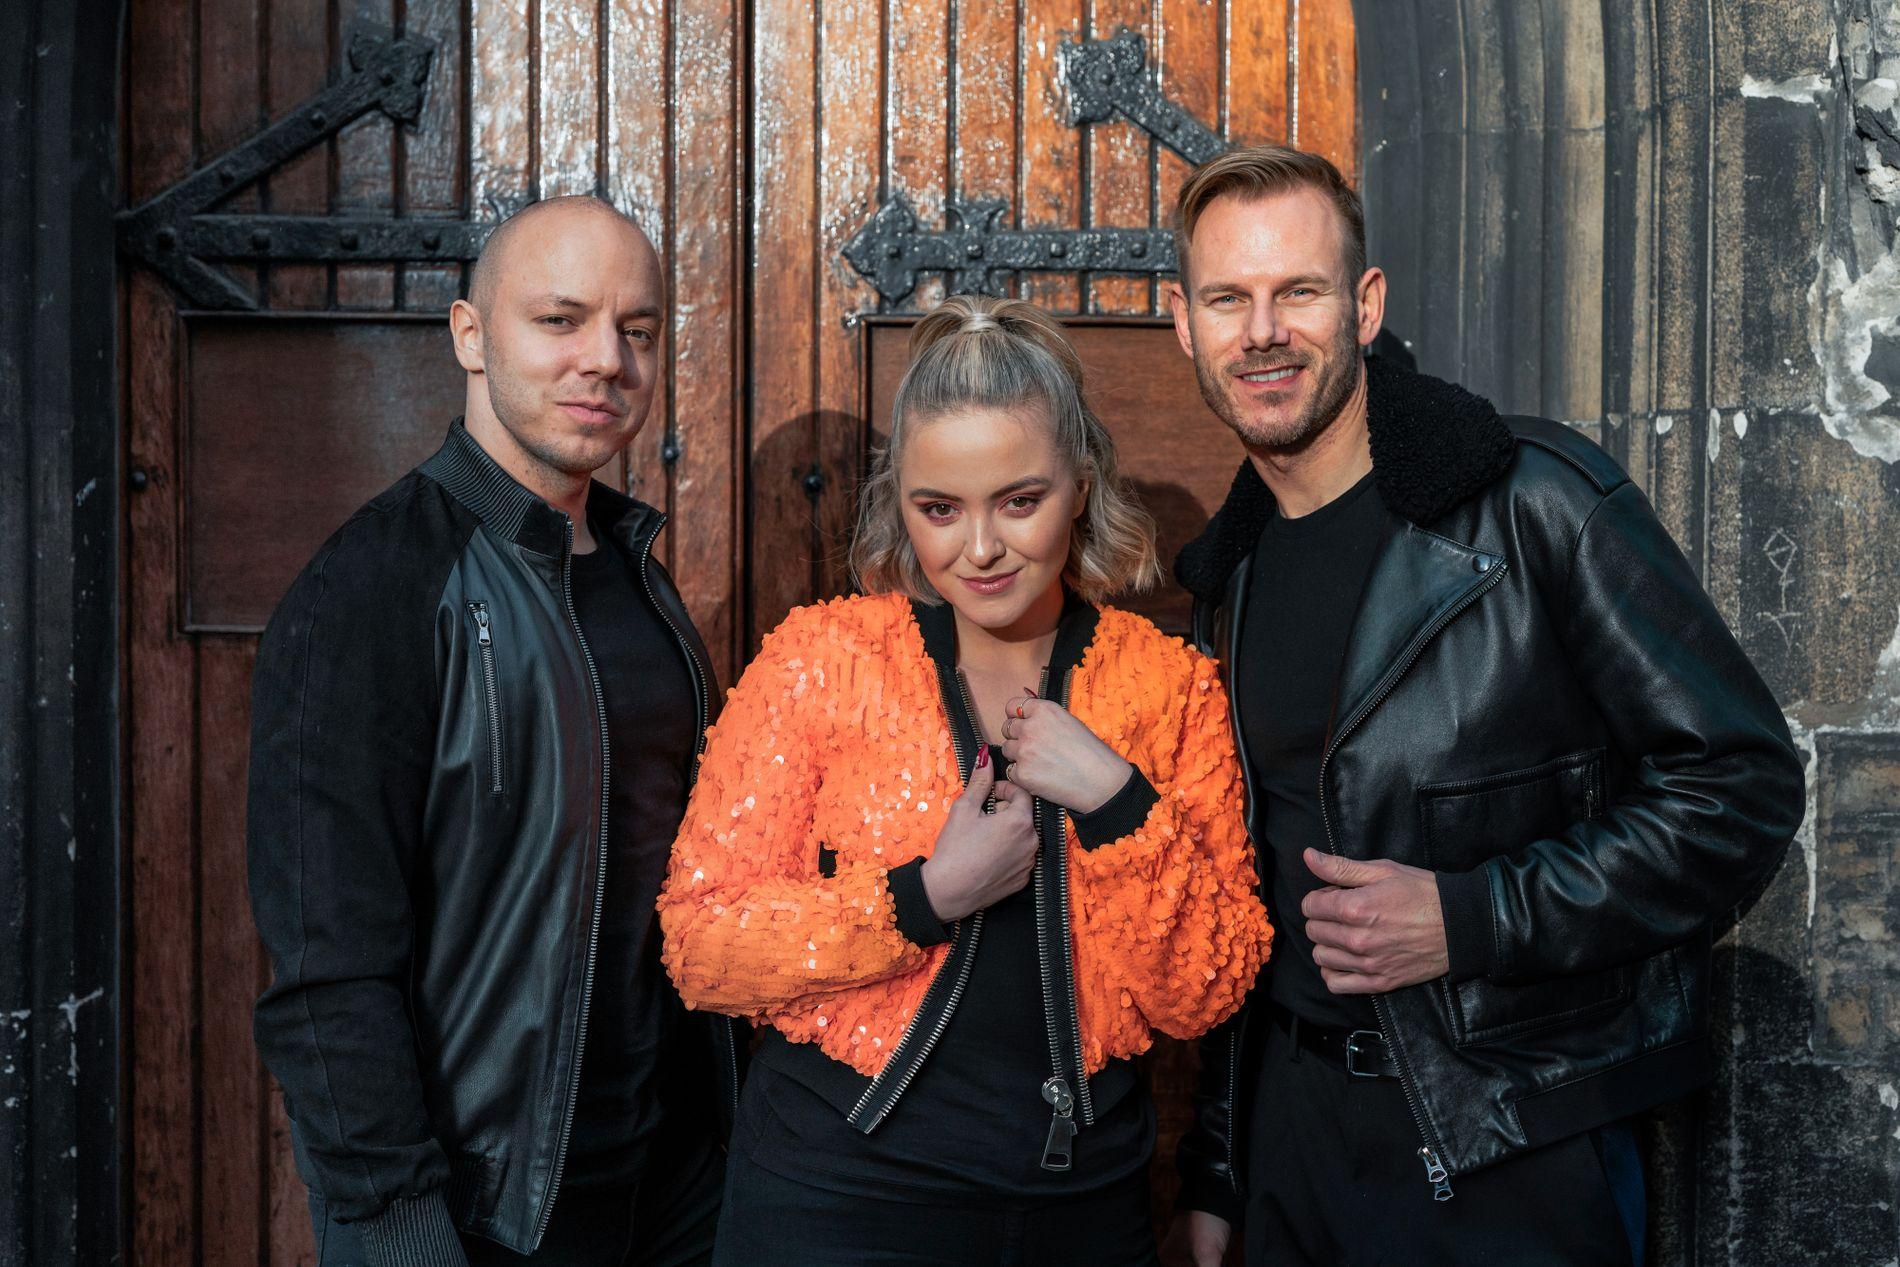 NY MUSIKK: Fred Buljo, Alexandra Rotan og Tom Hugo i KEiiNO er klar med ny single, «Praying», og i kveld opptrer de for titusener under VG-listeshowet på Rådhusplassen i Oslo.